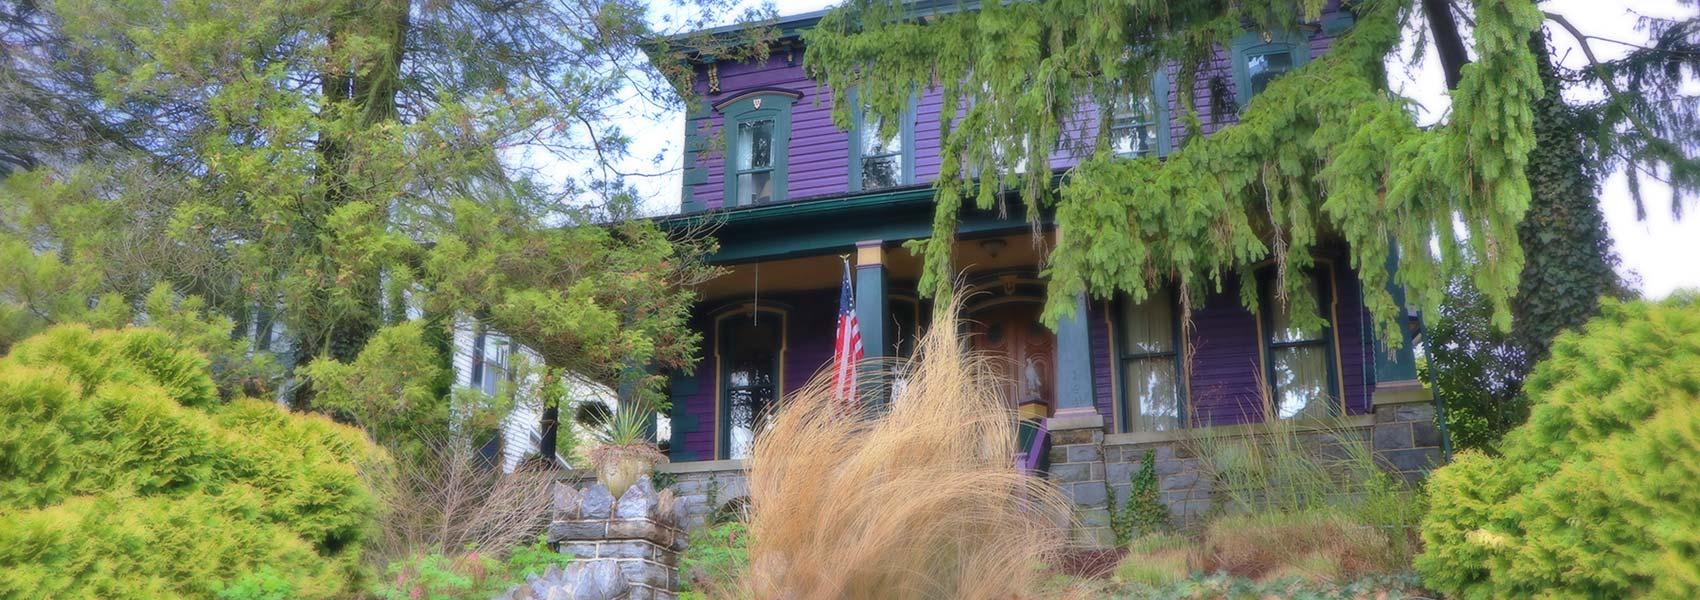 Amethyst Inn exterior